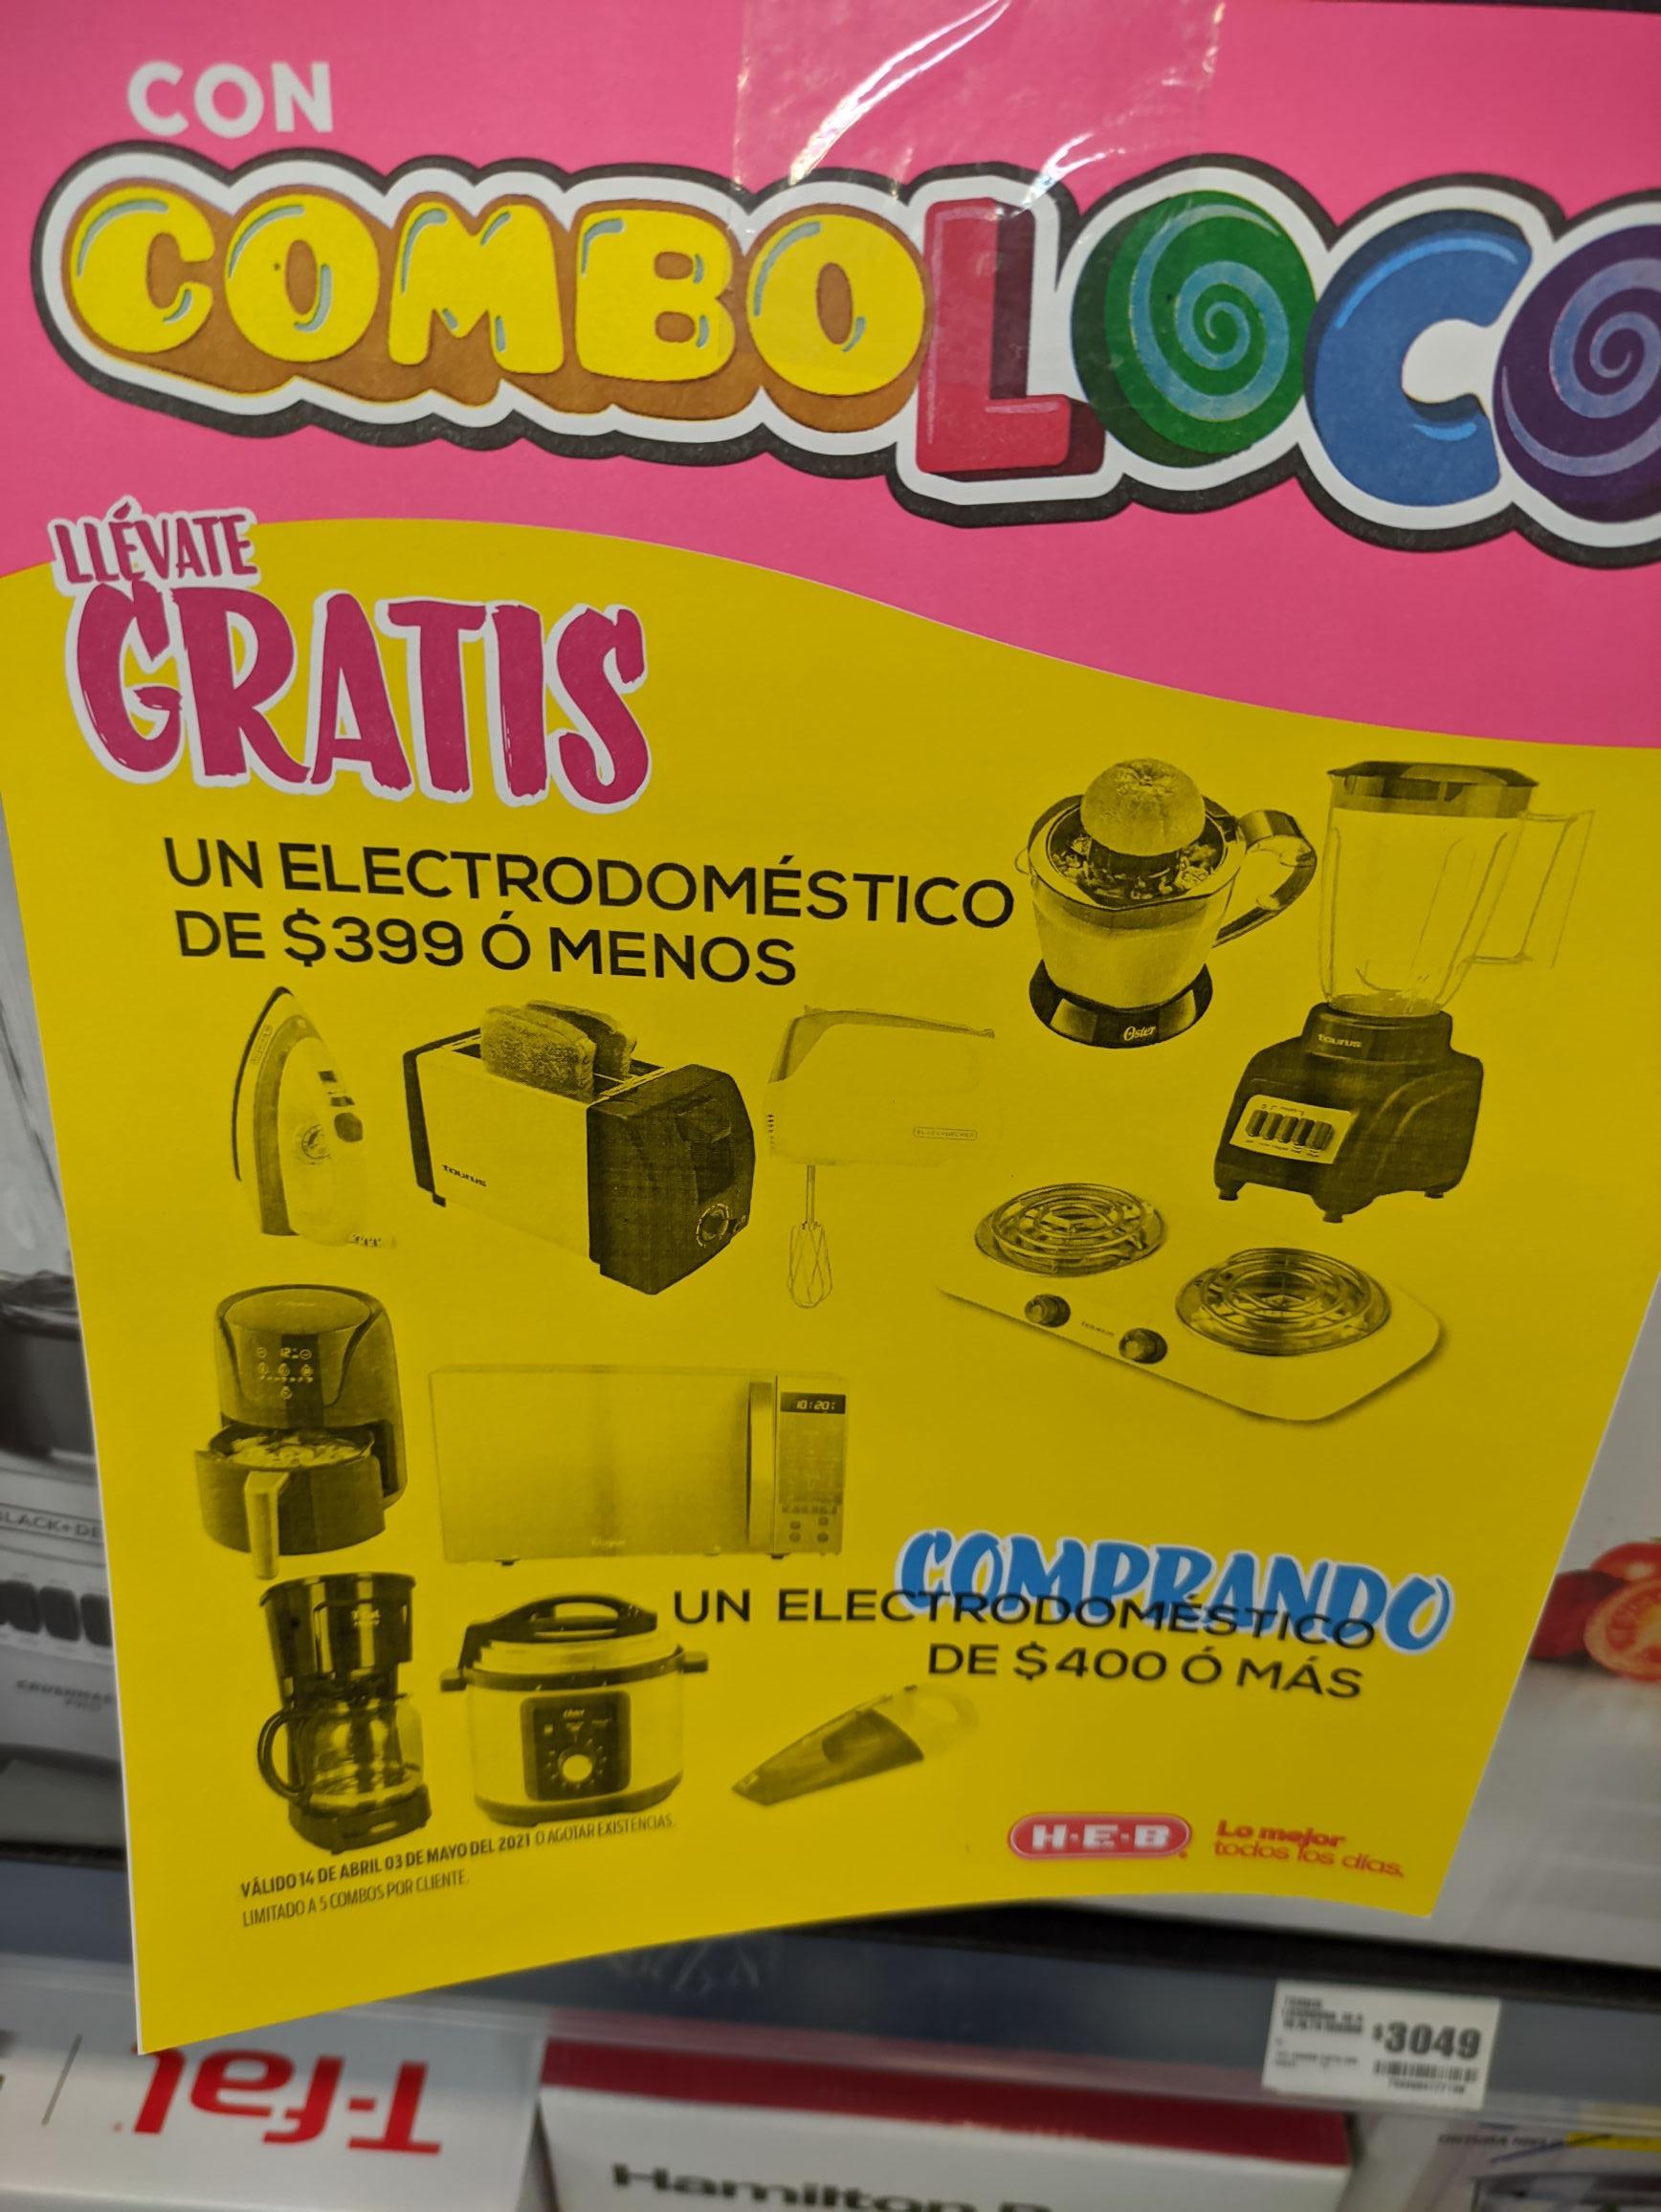 HEB: Electrodoméstico $399 o menos gratis